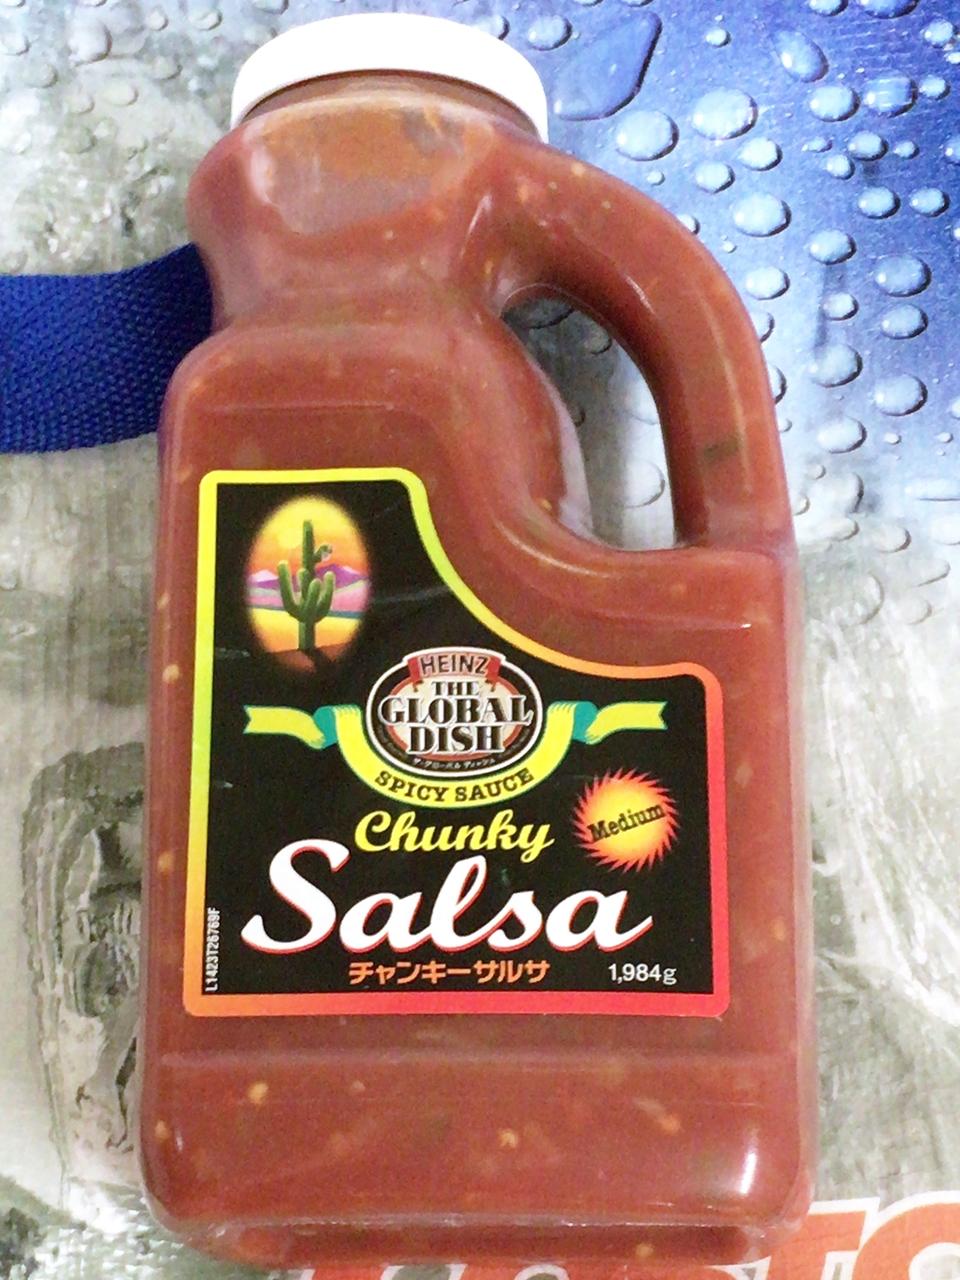 ソース サルサ